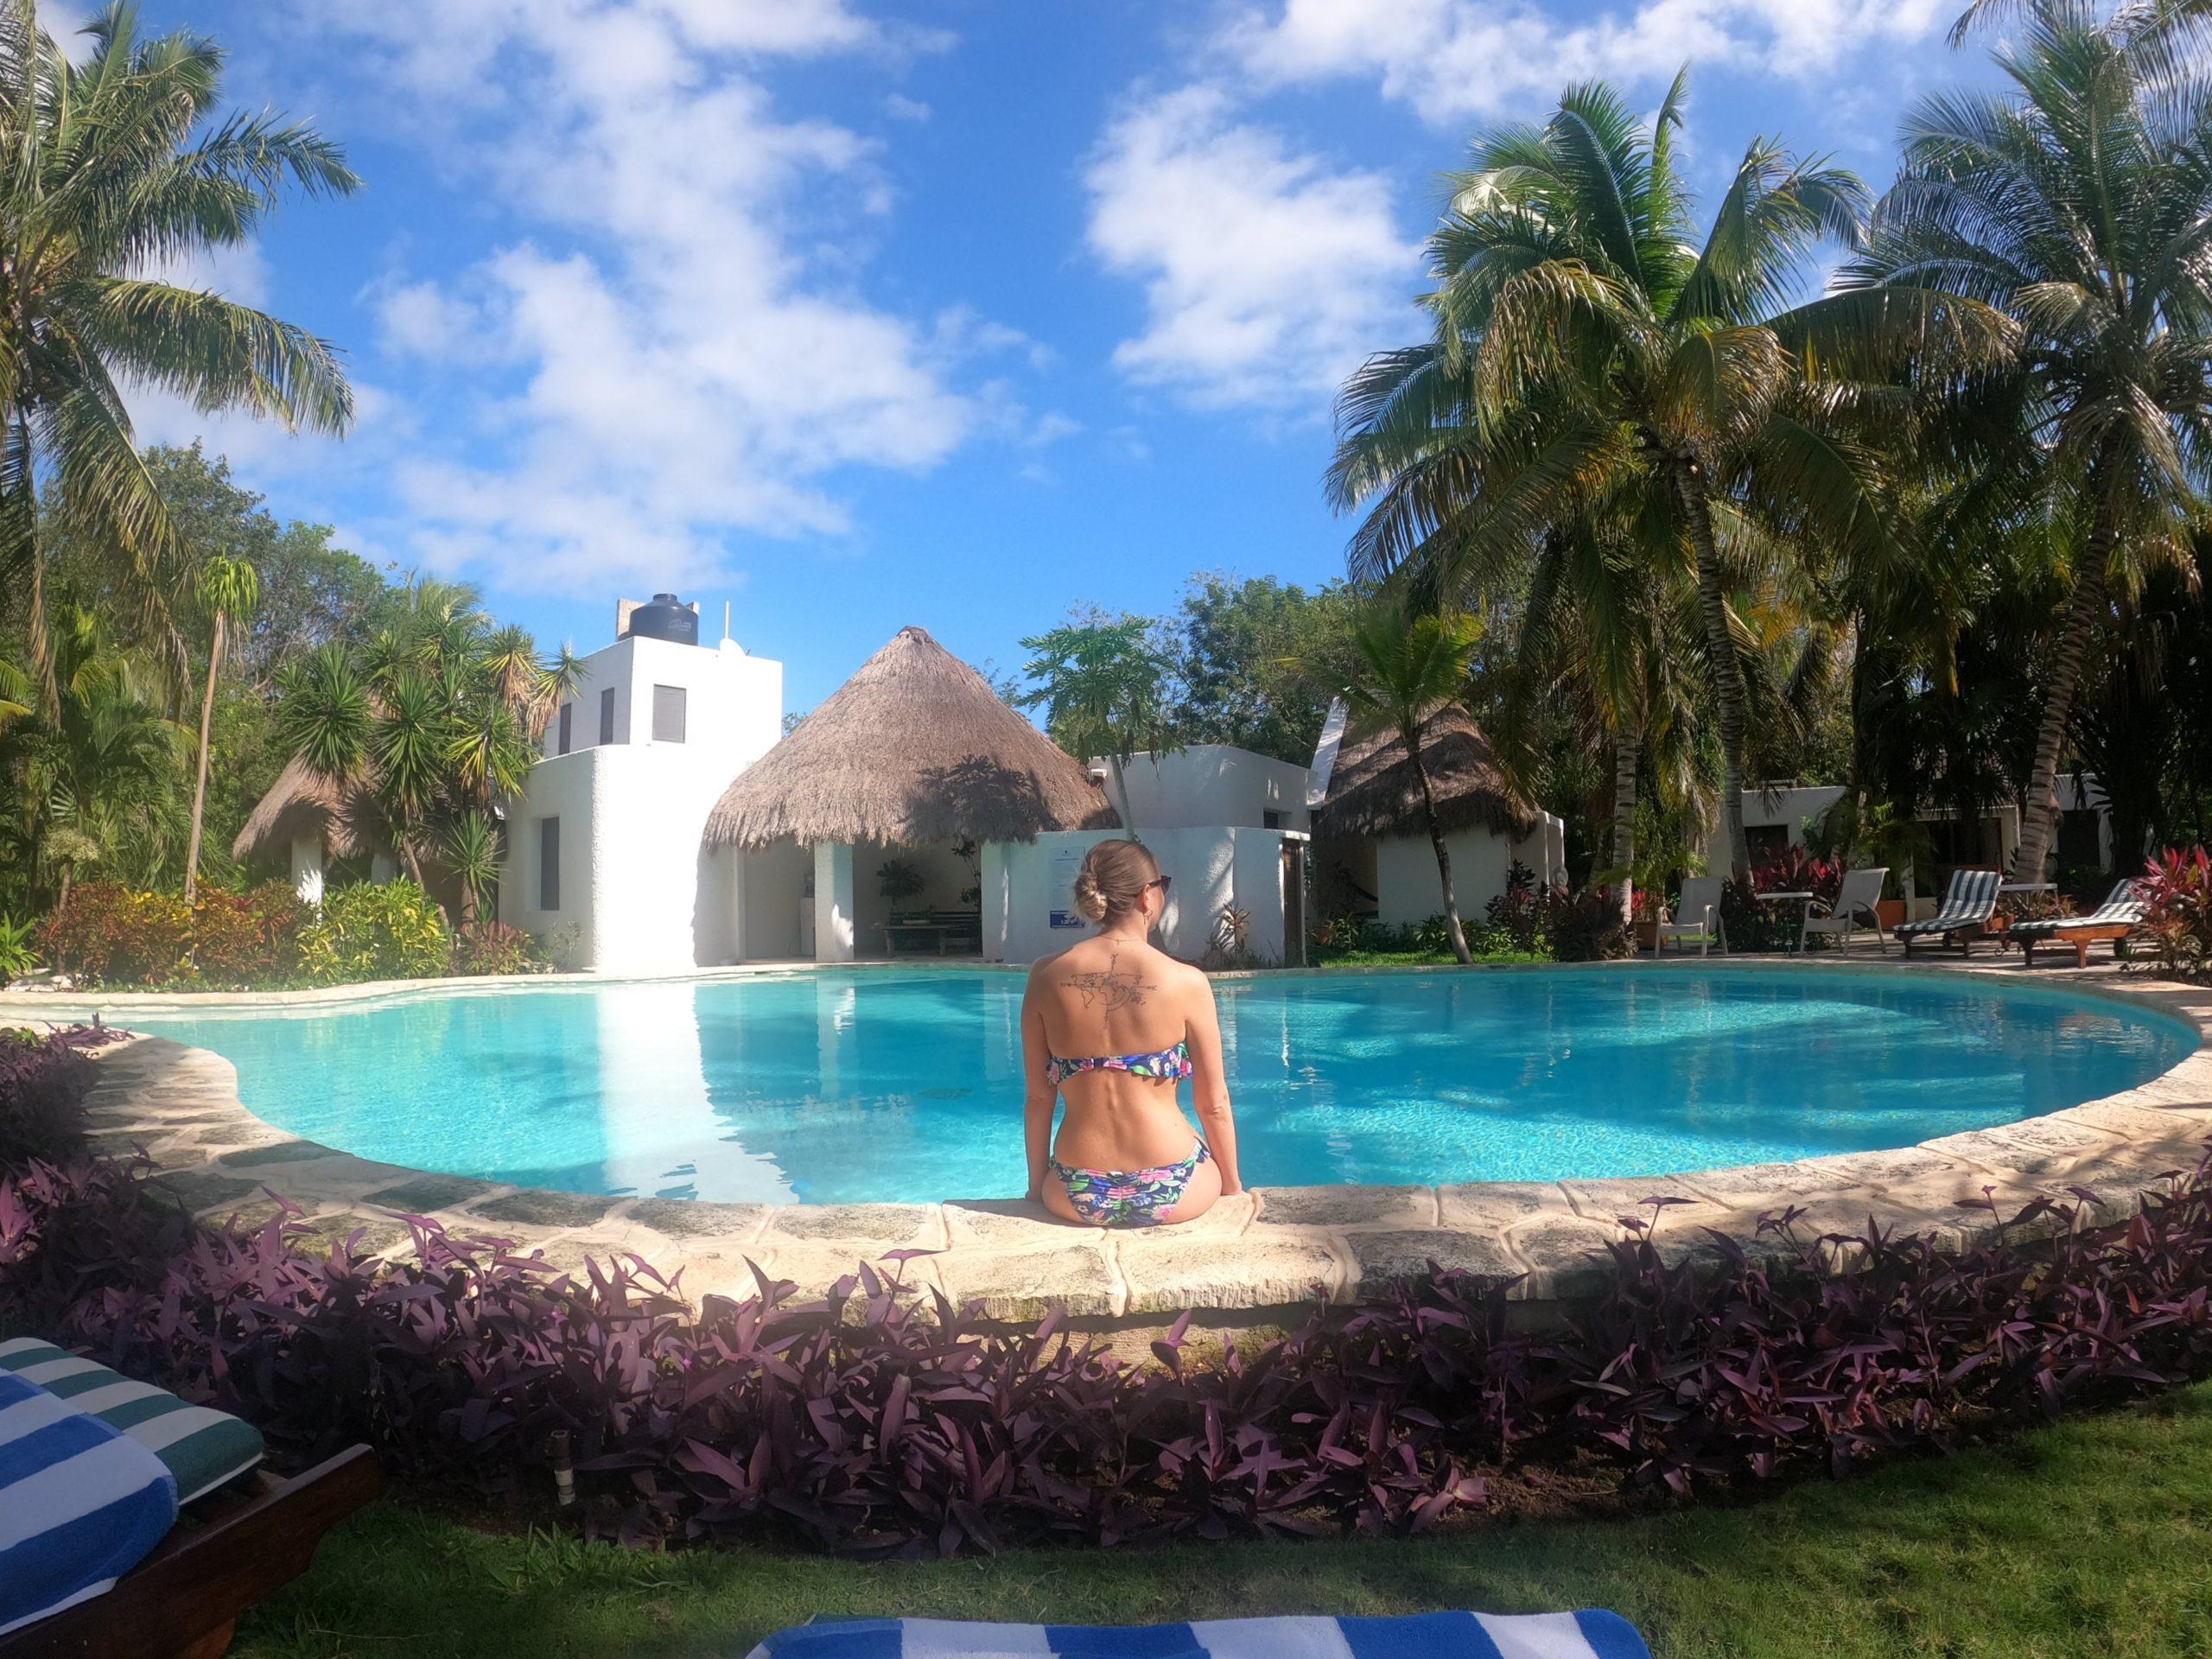 Mon lieu de stage au Mexique : nous vivions juste dans la chambre que vous voyez là en face de la piscine